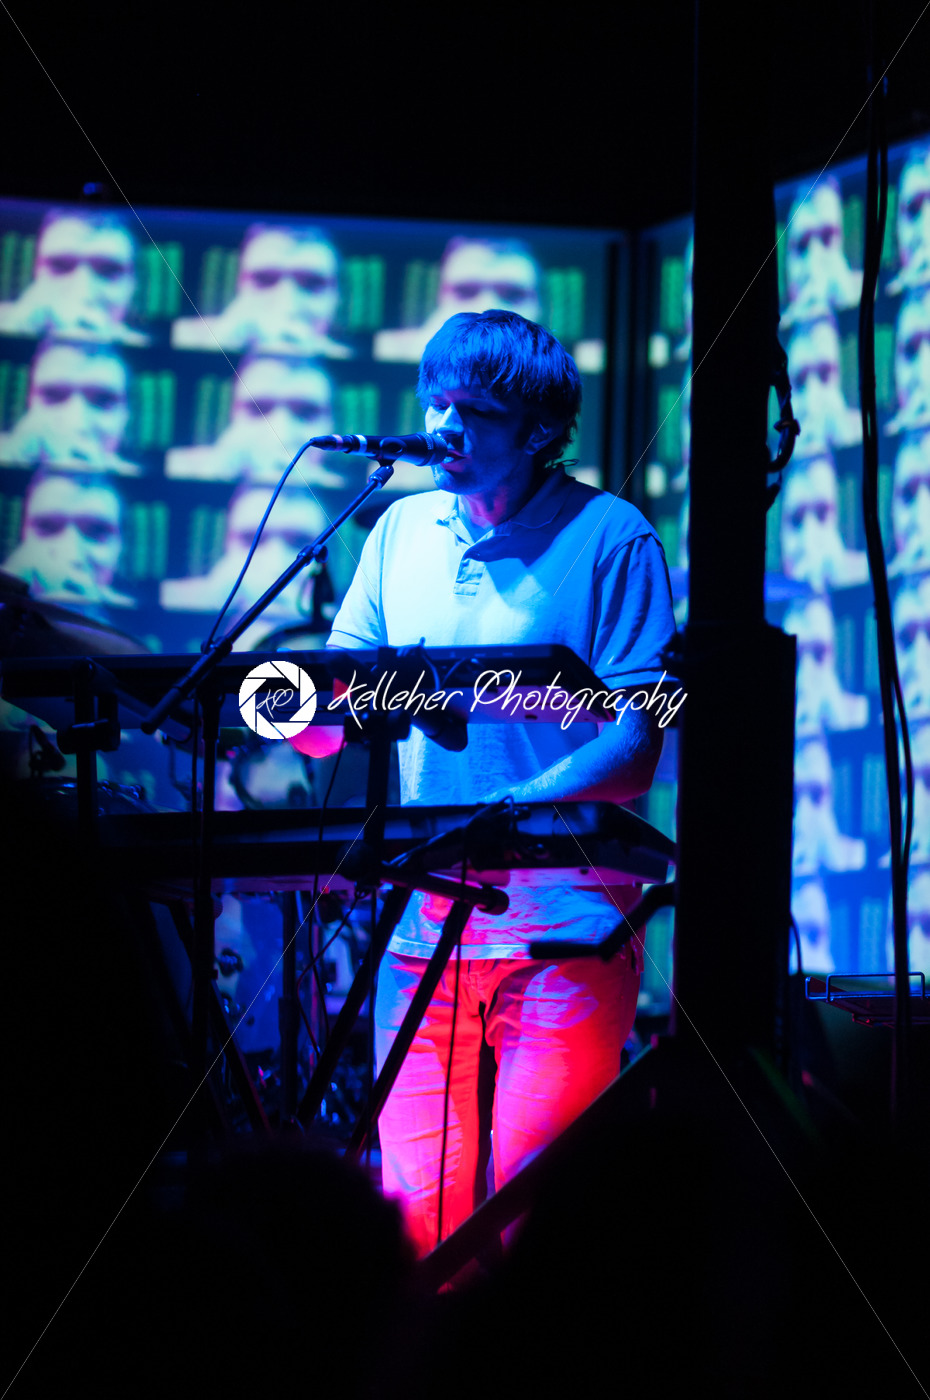 PHILADELPHIA, PA – SEPTEMBER 20: Band OK Go performs in Philadelphia on September 20, 2014. - Kelleher Photography Store